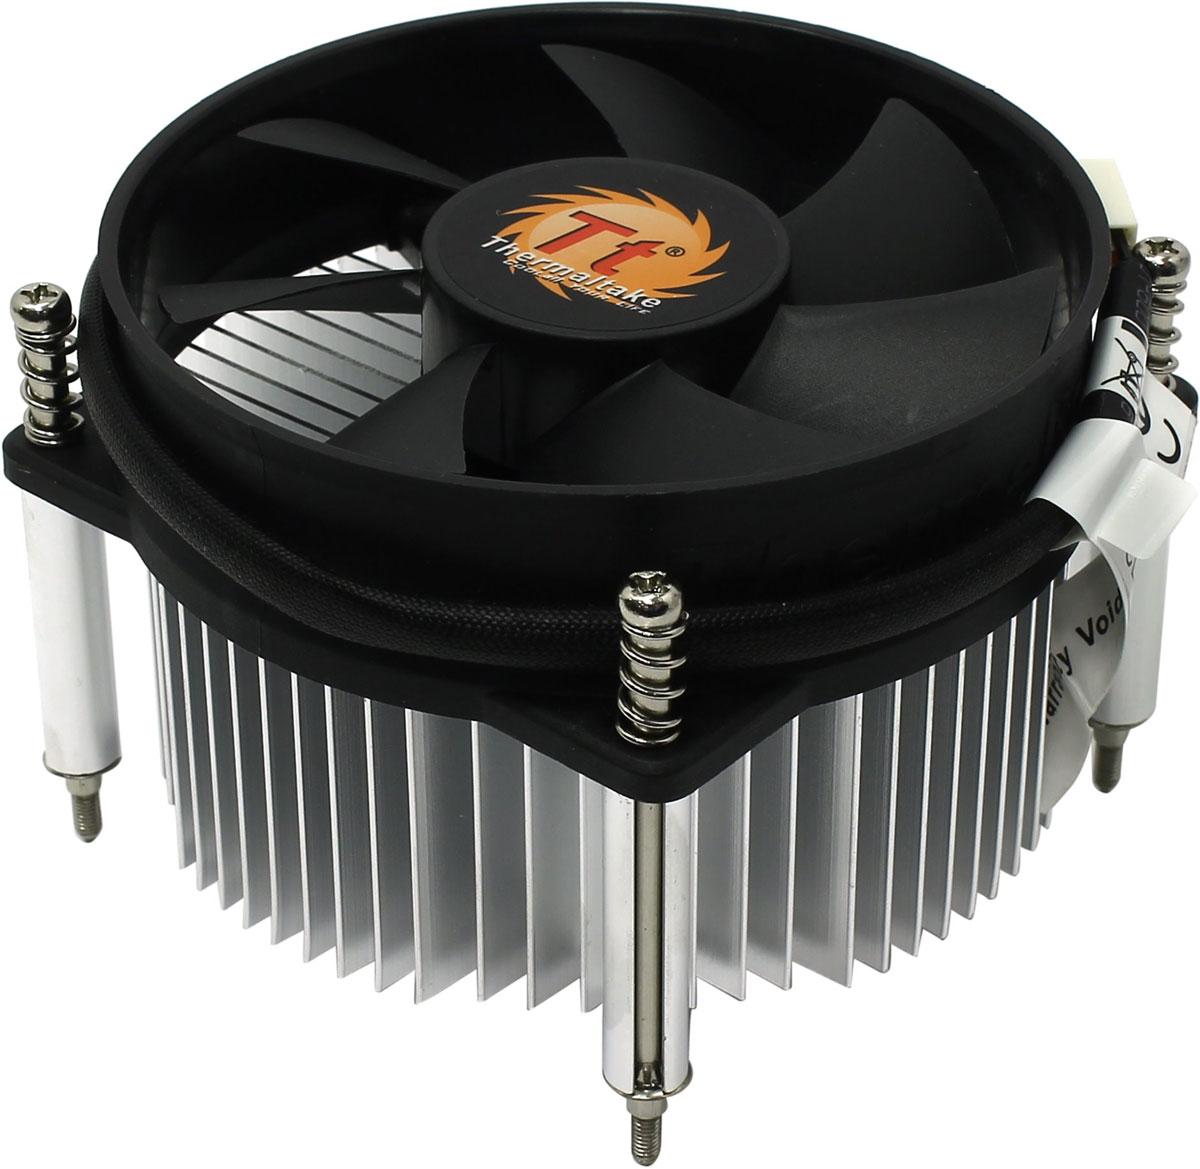 Thermaltake CLP0556 кулер компьютерныйCLP0556Кулер Thermaltake CLP0556 оснащен алюминиевым радиатором с аналогичным основанием, который является эффективным охлаждением для процессоров. Устройство обеспечивает превосходный баланс между издаваемым шумом и потоком производимого воздуха. Максимальный шумовой эффект, который может произвести система охлаждения, составляет 28 дБ.